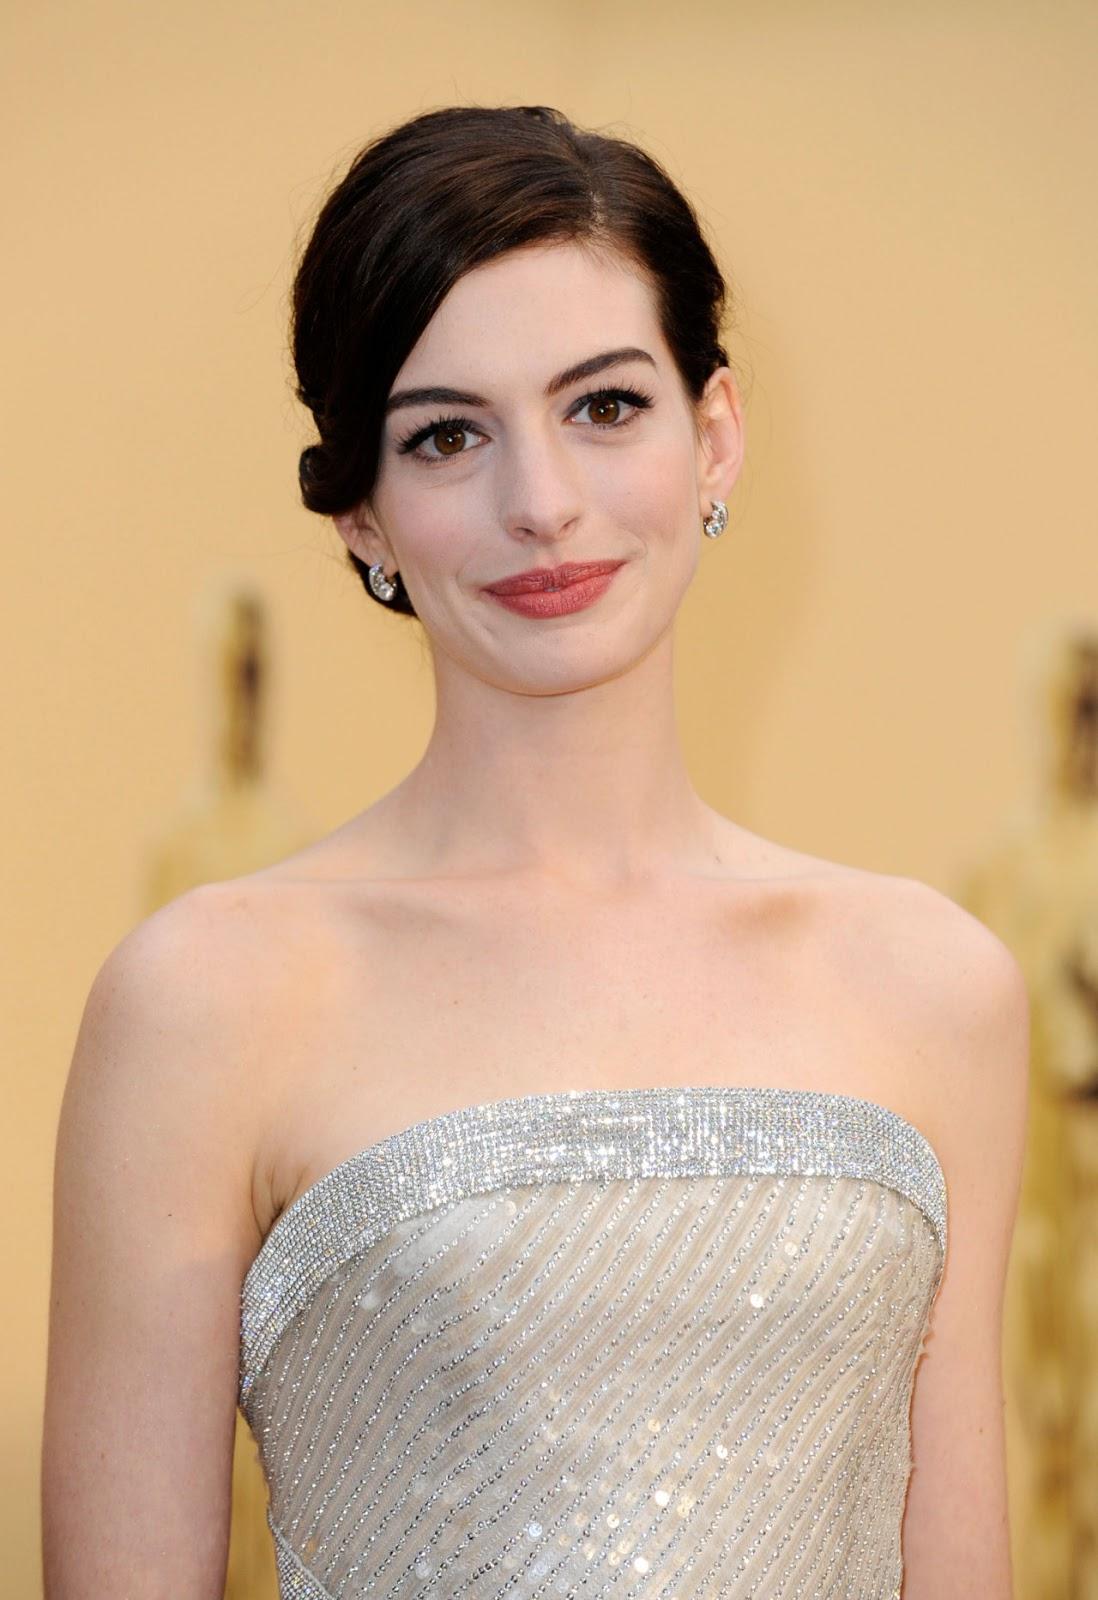 Fashion & Celebrities: Anne Hathaway